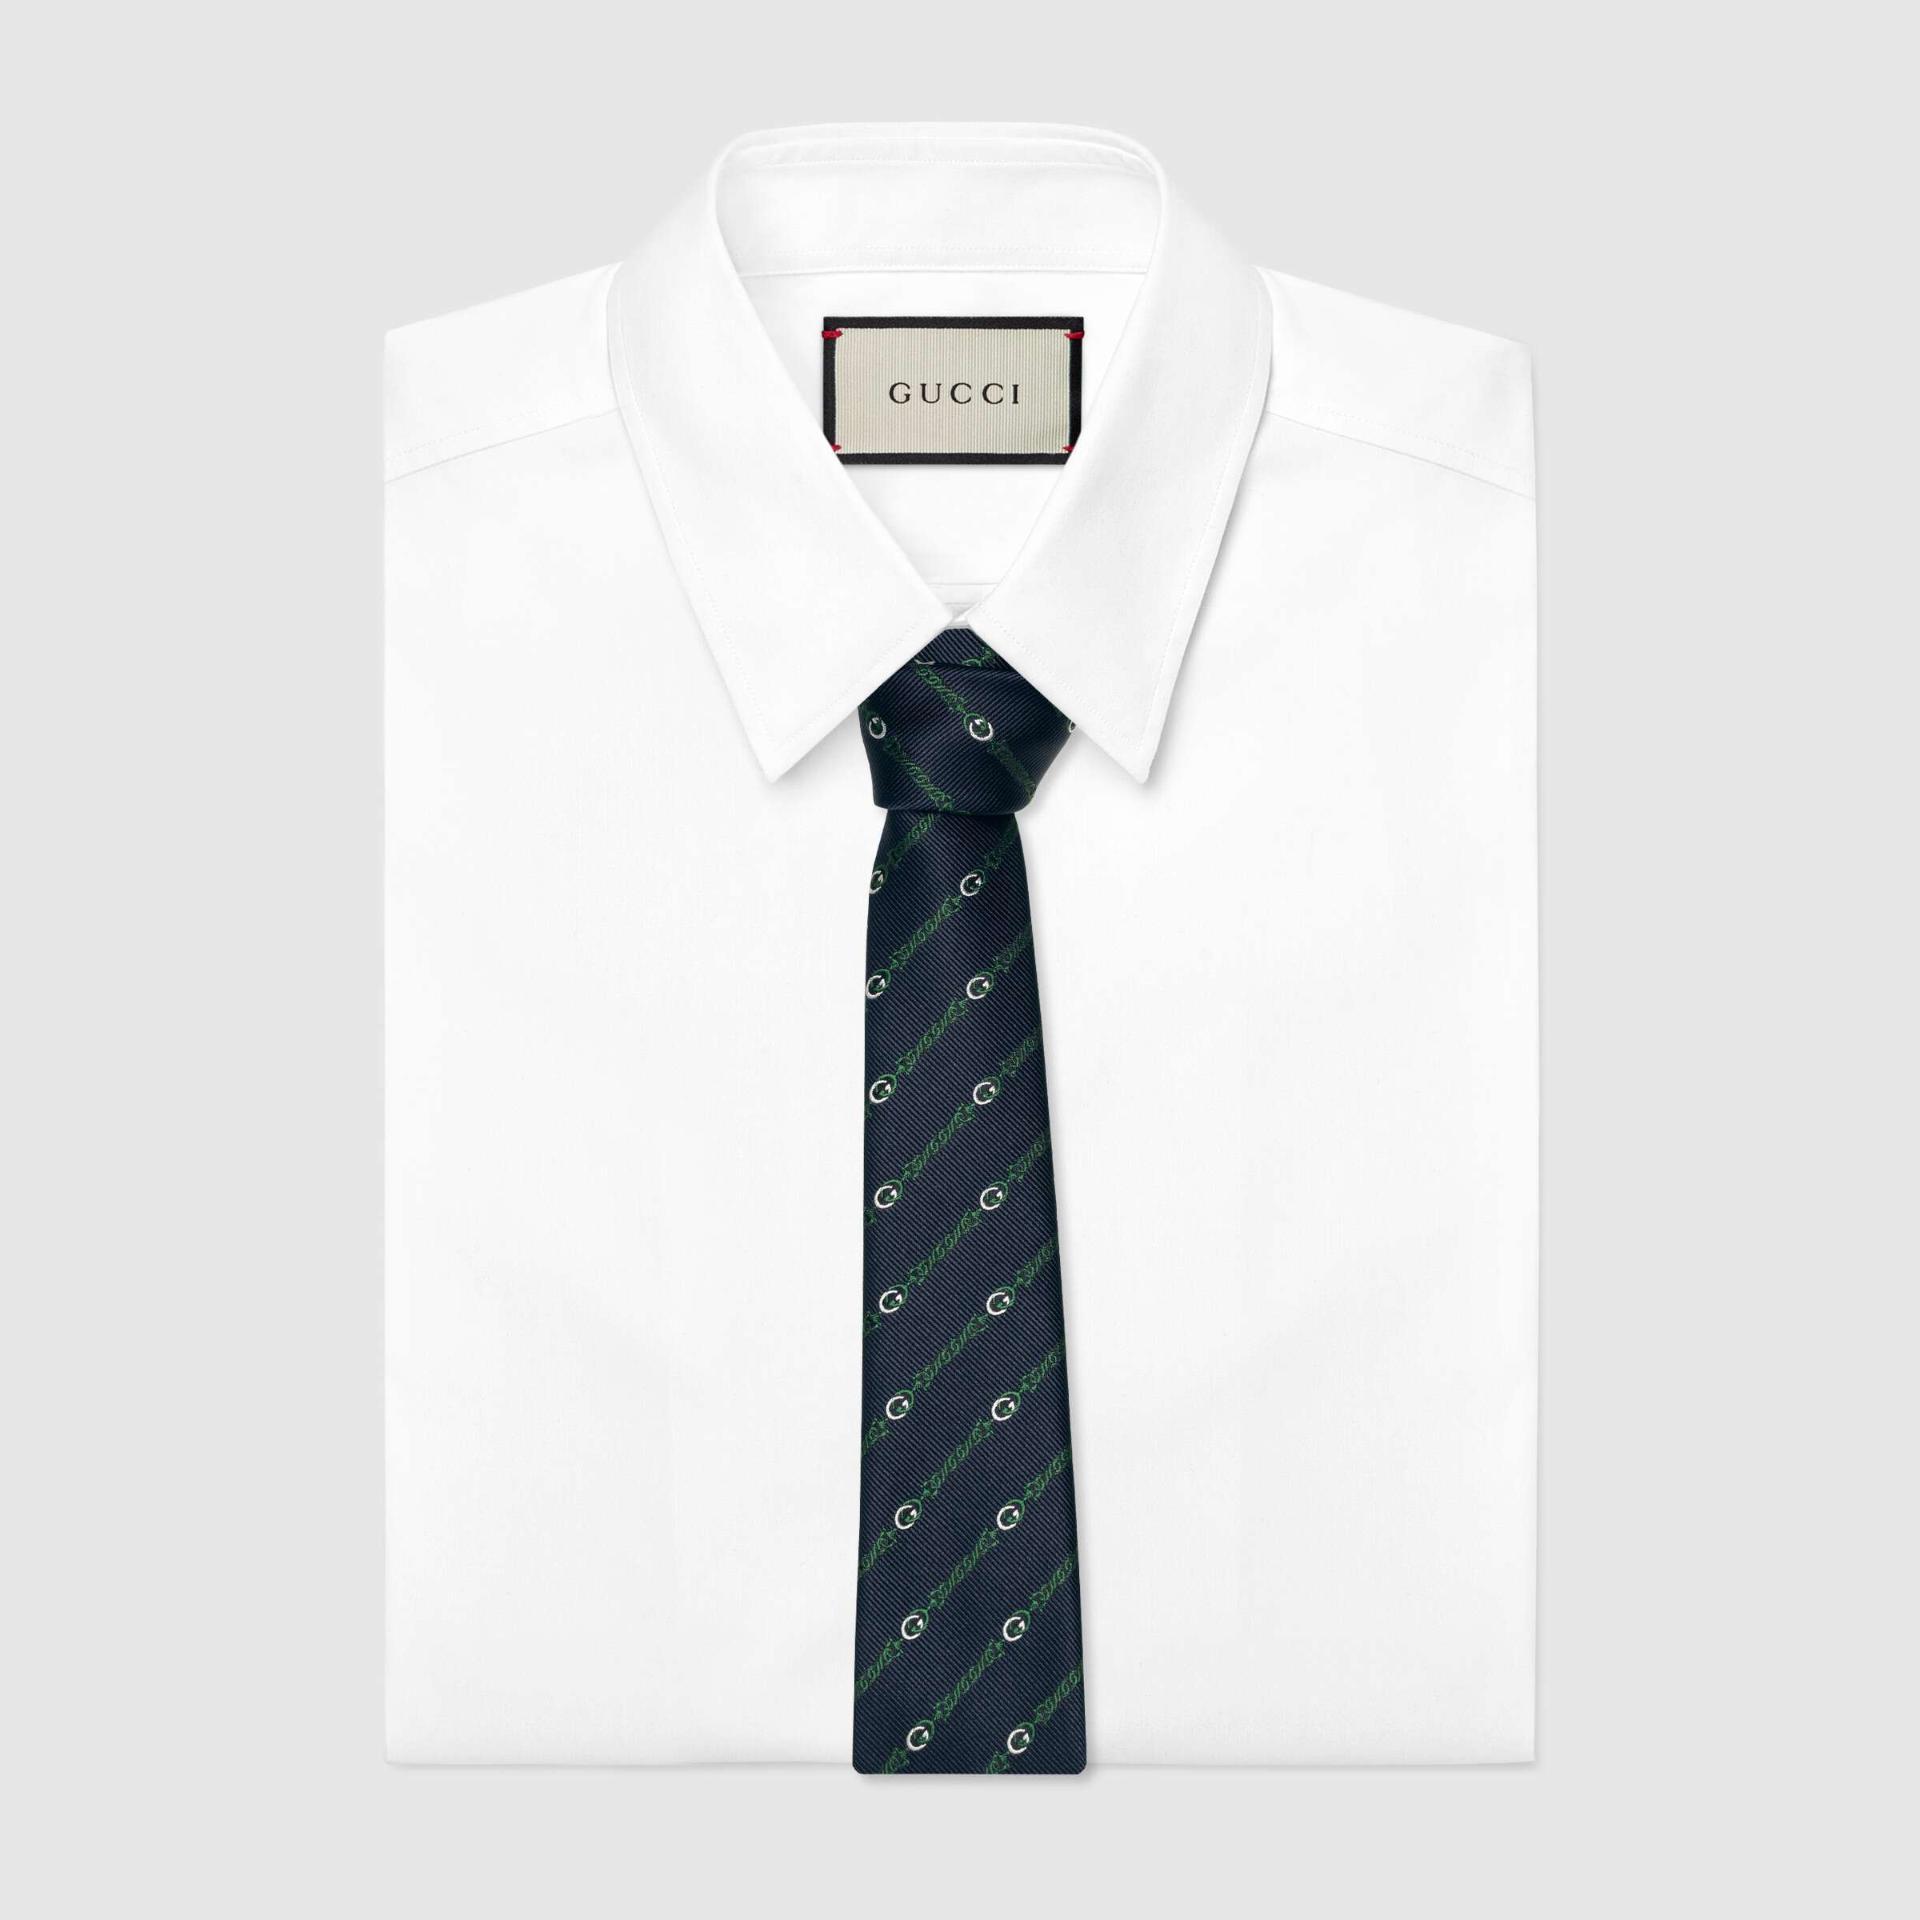 유럽직배송 구찌 GUCCI Gucci Interlocking G silk tie 6600454E0024066